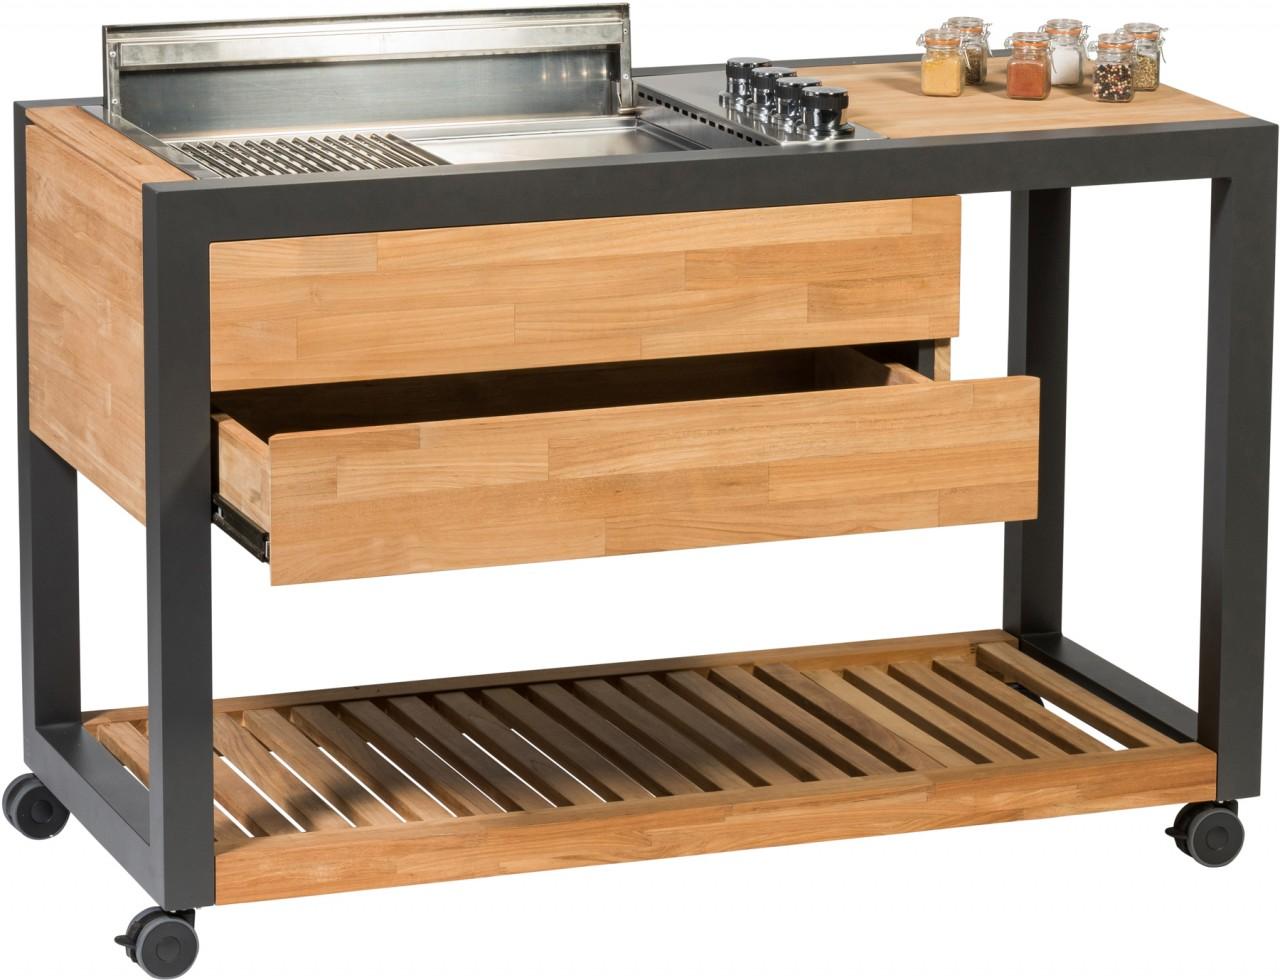 Outdoorküche Gasgrill Reinigen : Rabatt preisvergleich grill bbq u e outdoorküche